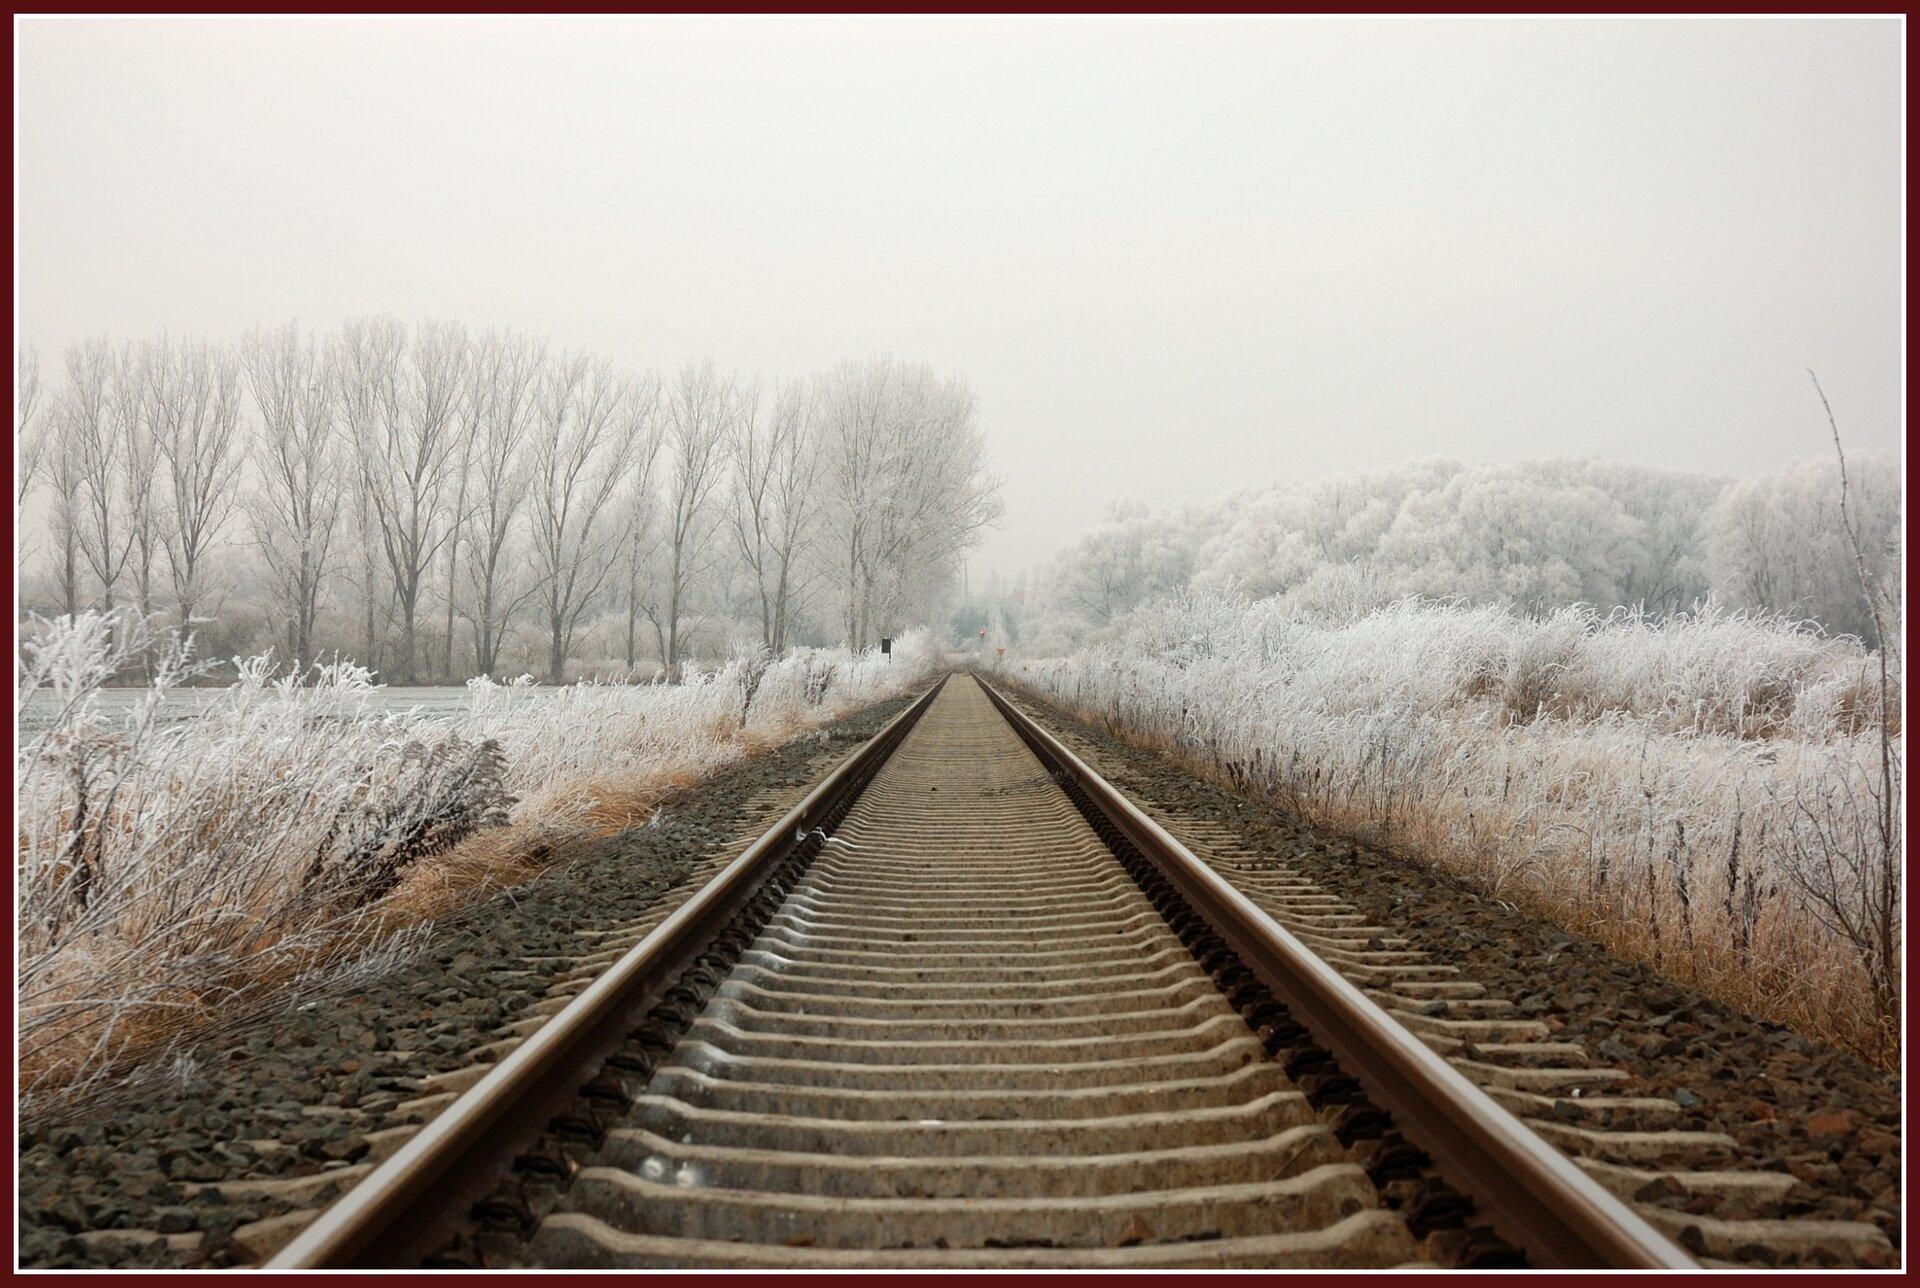 Ilustracja przedstawia tor kolejowy. Prowadzi, aż po horyzont gdzie widać drzewa pokryte śniegiem. Prowadzi on przez łąkę ilas. Pora roku przedstawiona na zdjęciu to zima. Niebo pokryte jest jasnymi białymi chmurami.